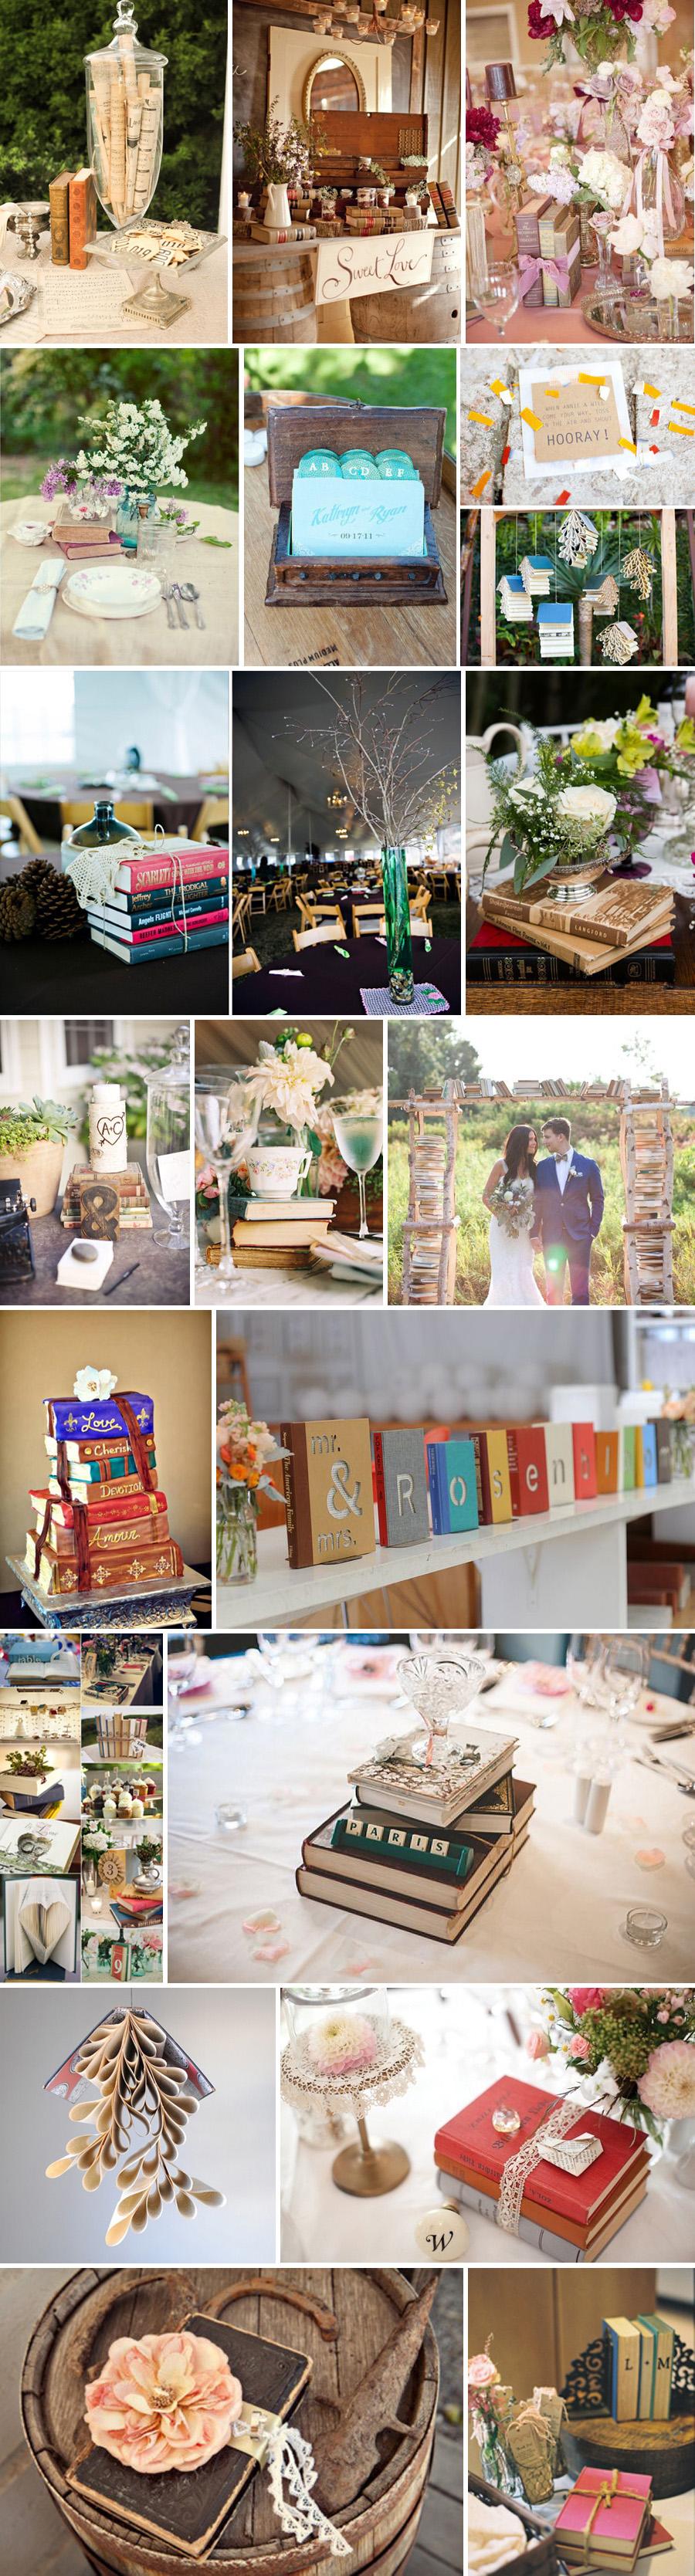 4 inspiracje dekoracje slub wesele DIY zrob to sam